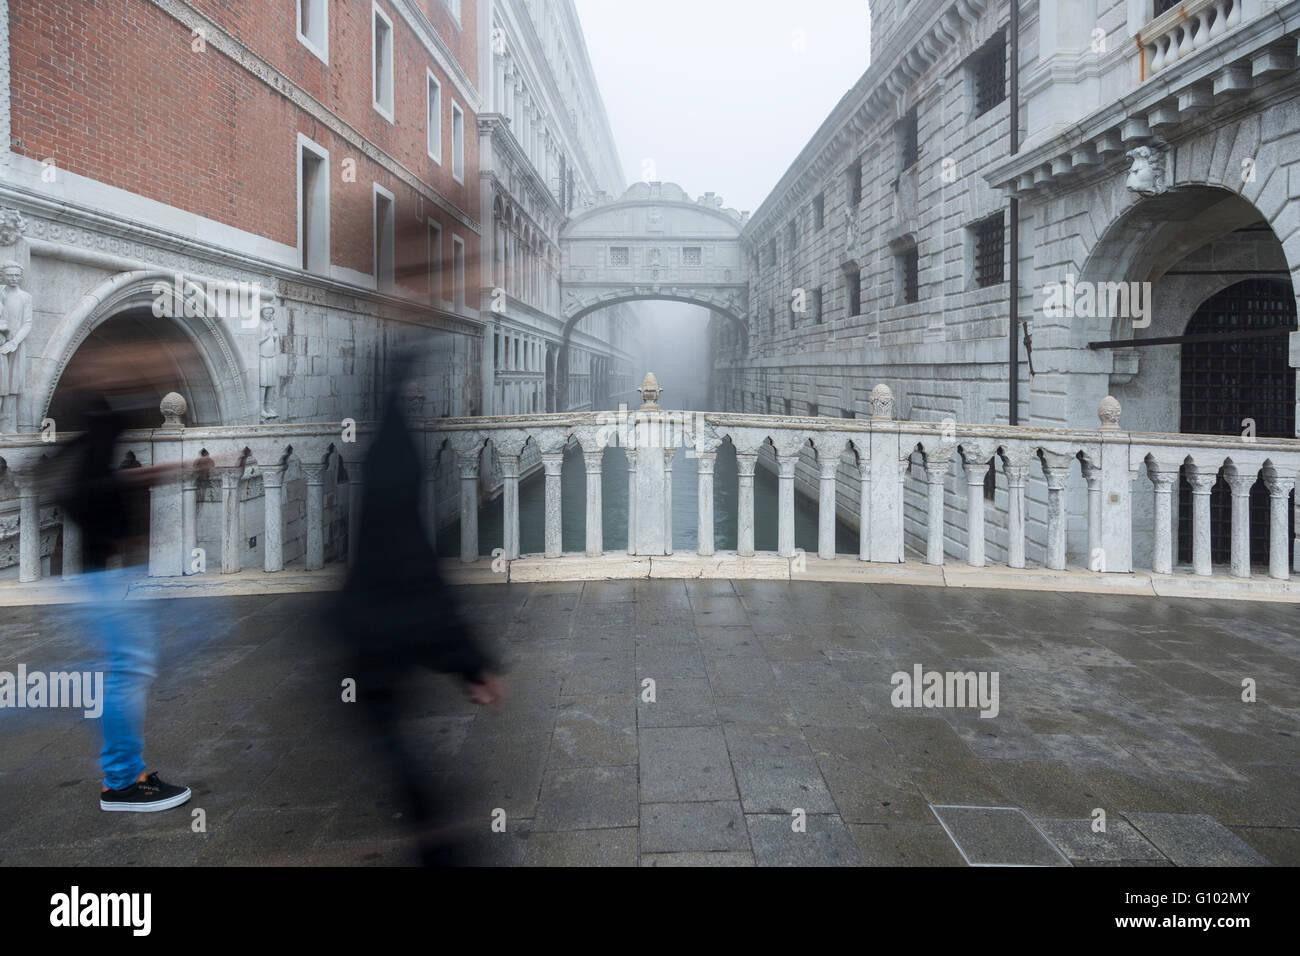 Die Seufzerbrücke im Nebel. Sie verbindet den Dogenpalast und die Prigioni nuove, das neue Gefängnis in - Stock Image